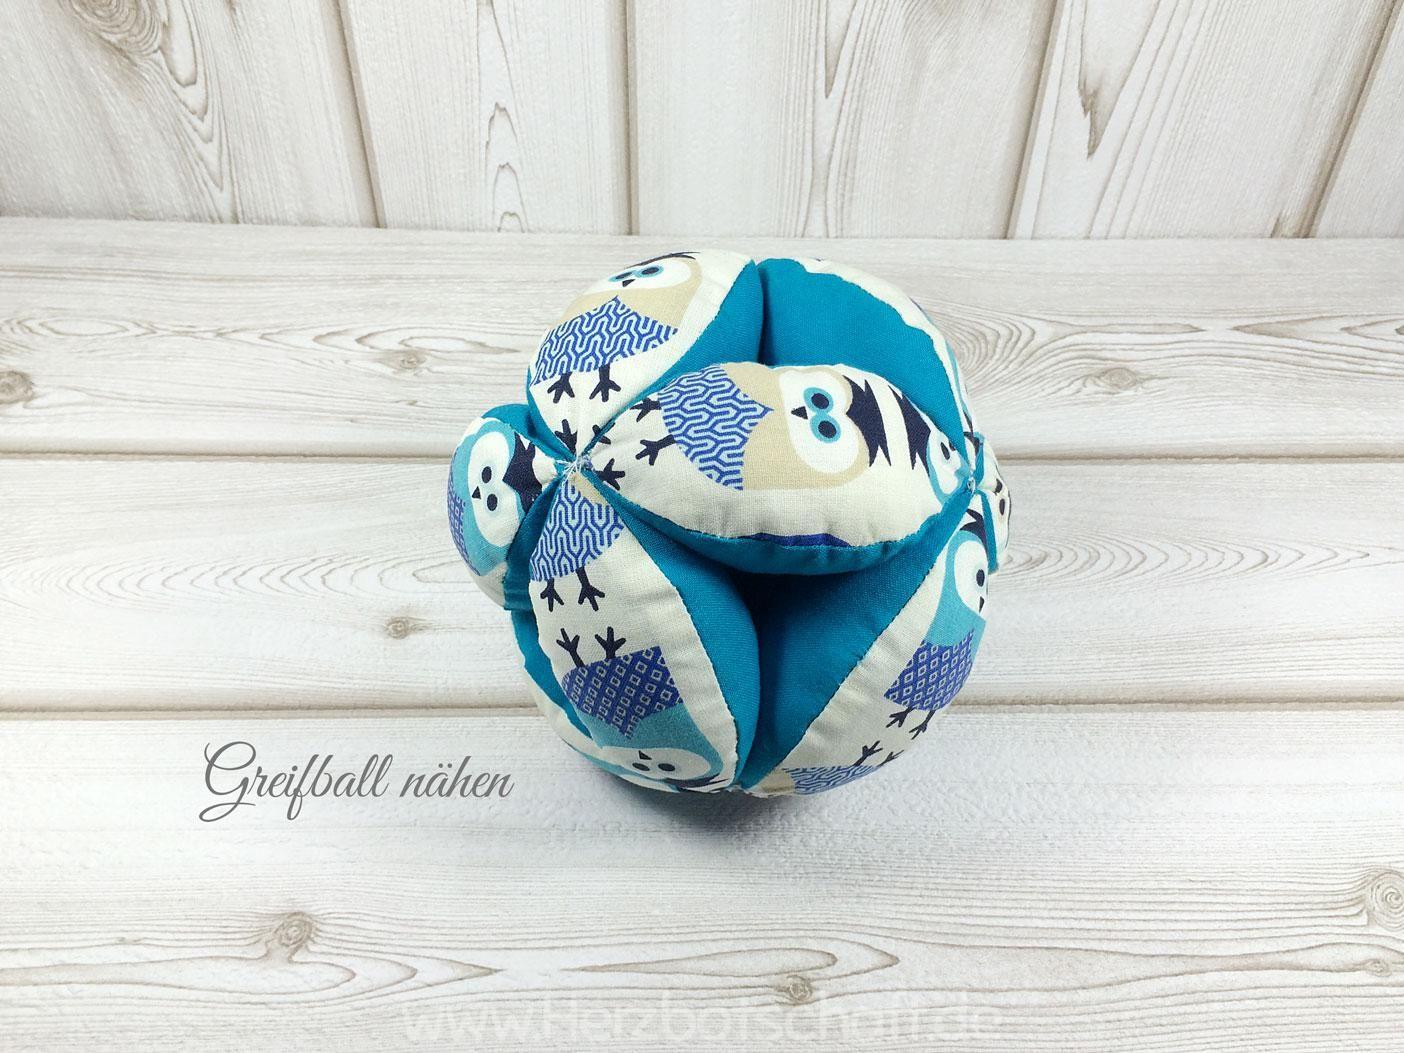 Greifball Für Babies Nähen Nähen Babykleidung Baby Diy Toys Und